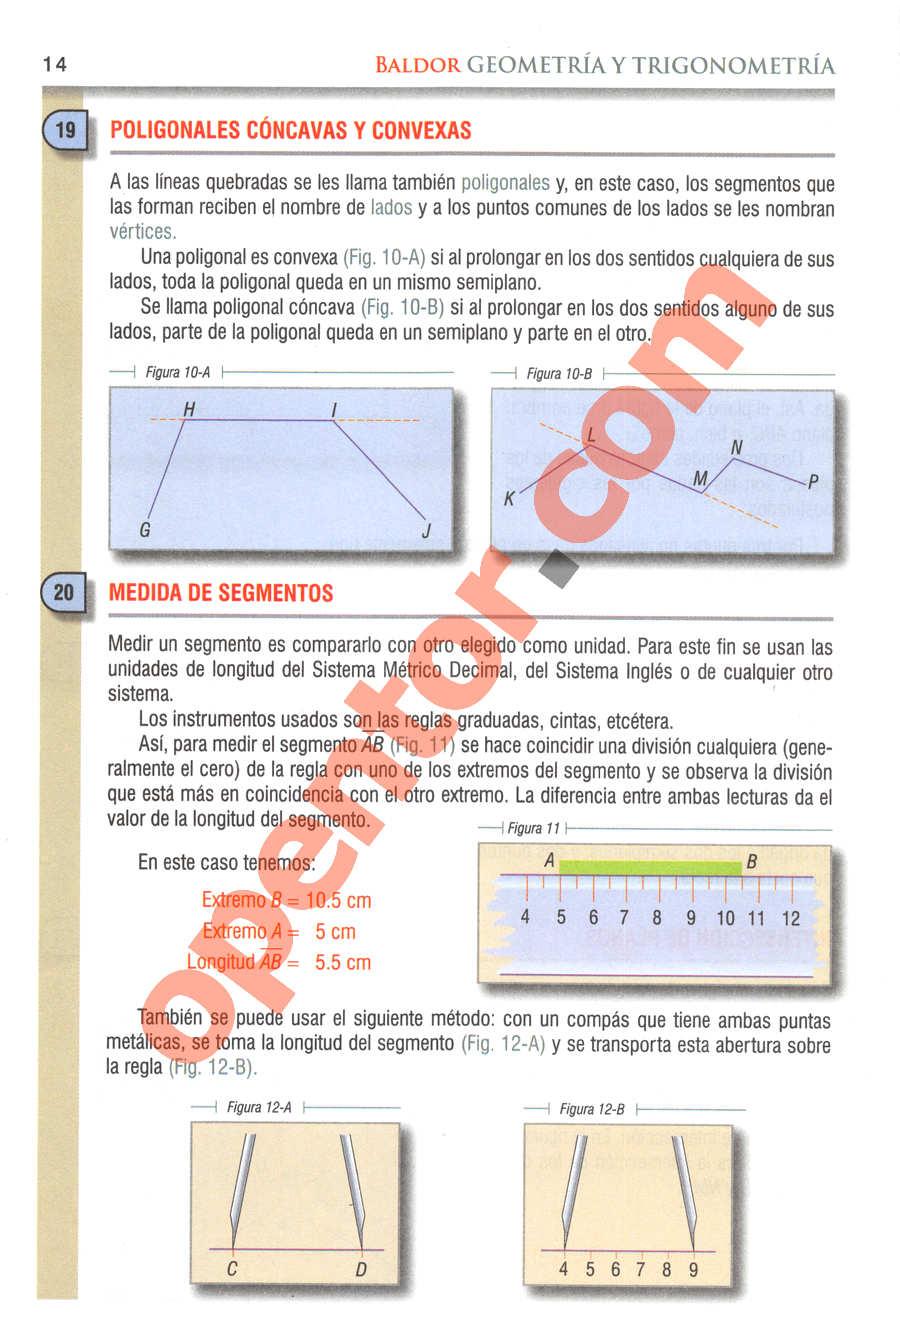 Geometría y Trigonometría de Baldor - Página 14